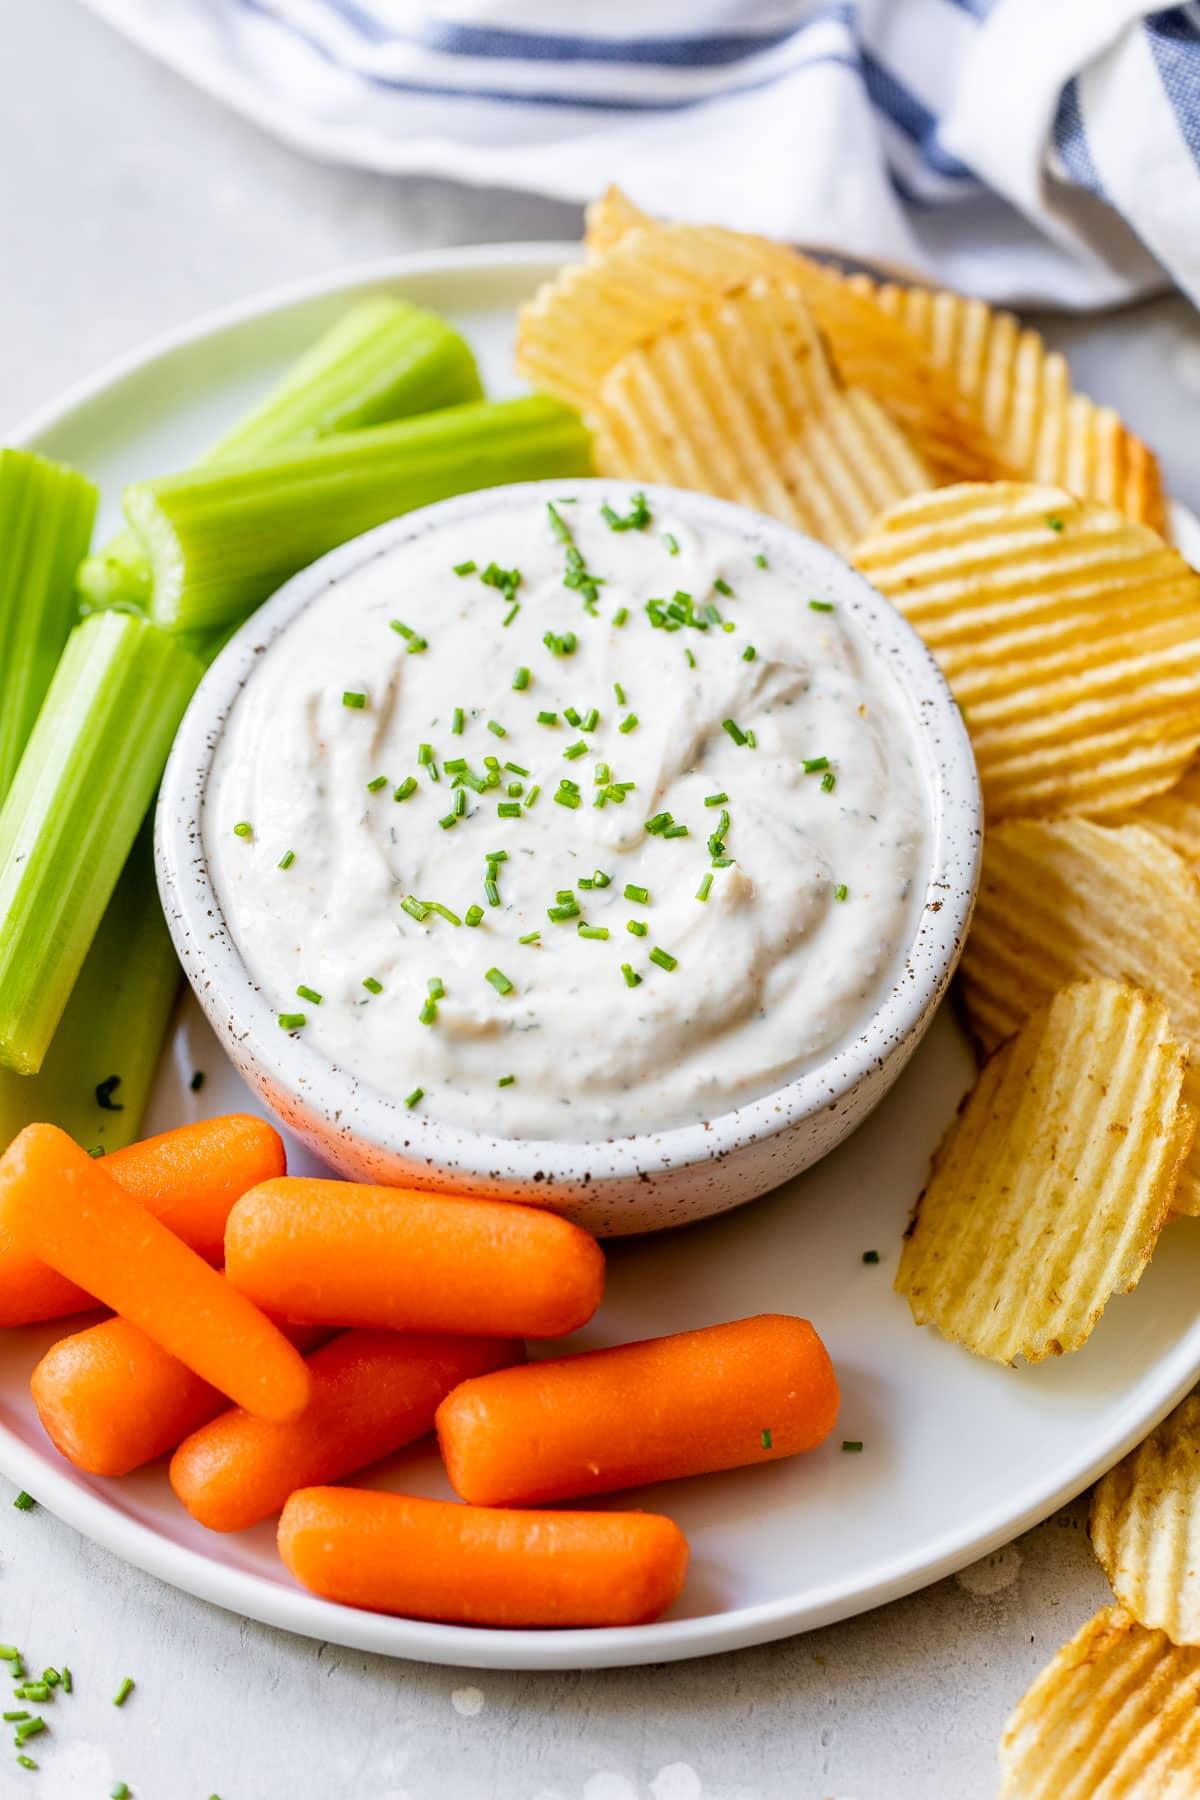 recipe: easy vegetable dip yogurt [7]